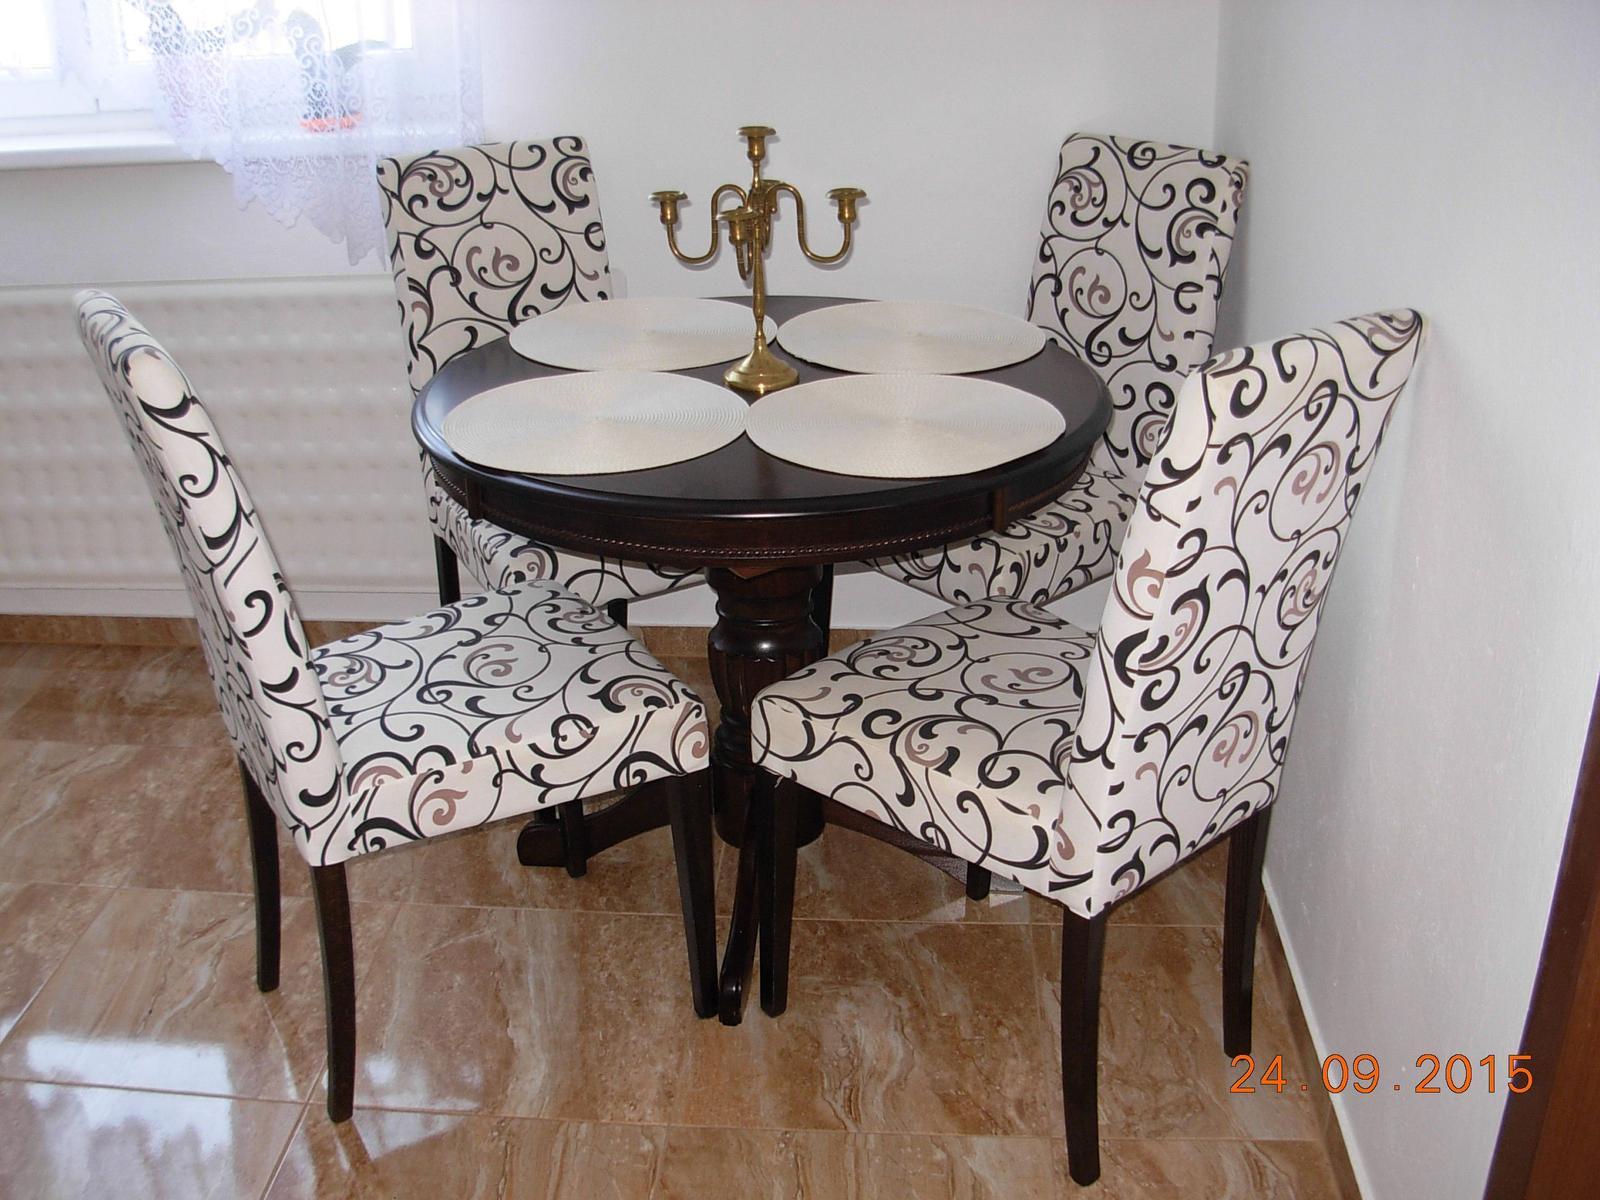 Pred prerábkou - Už nie je stôl osamotený, konečne mu pribudli kamarátky stoličky:)